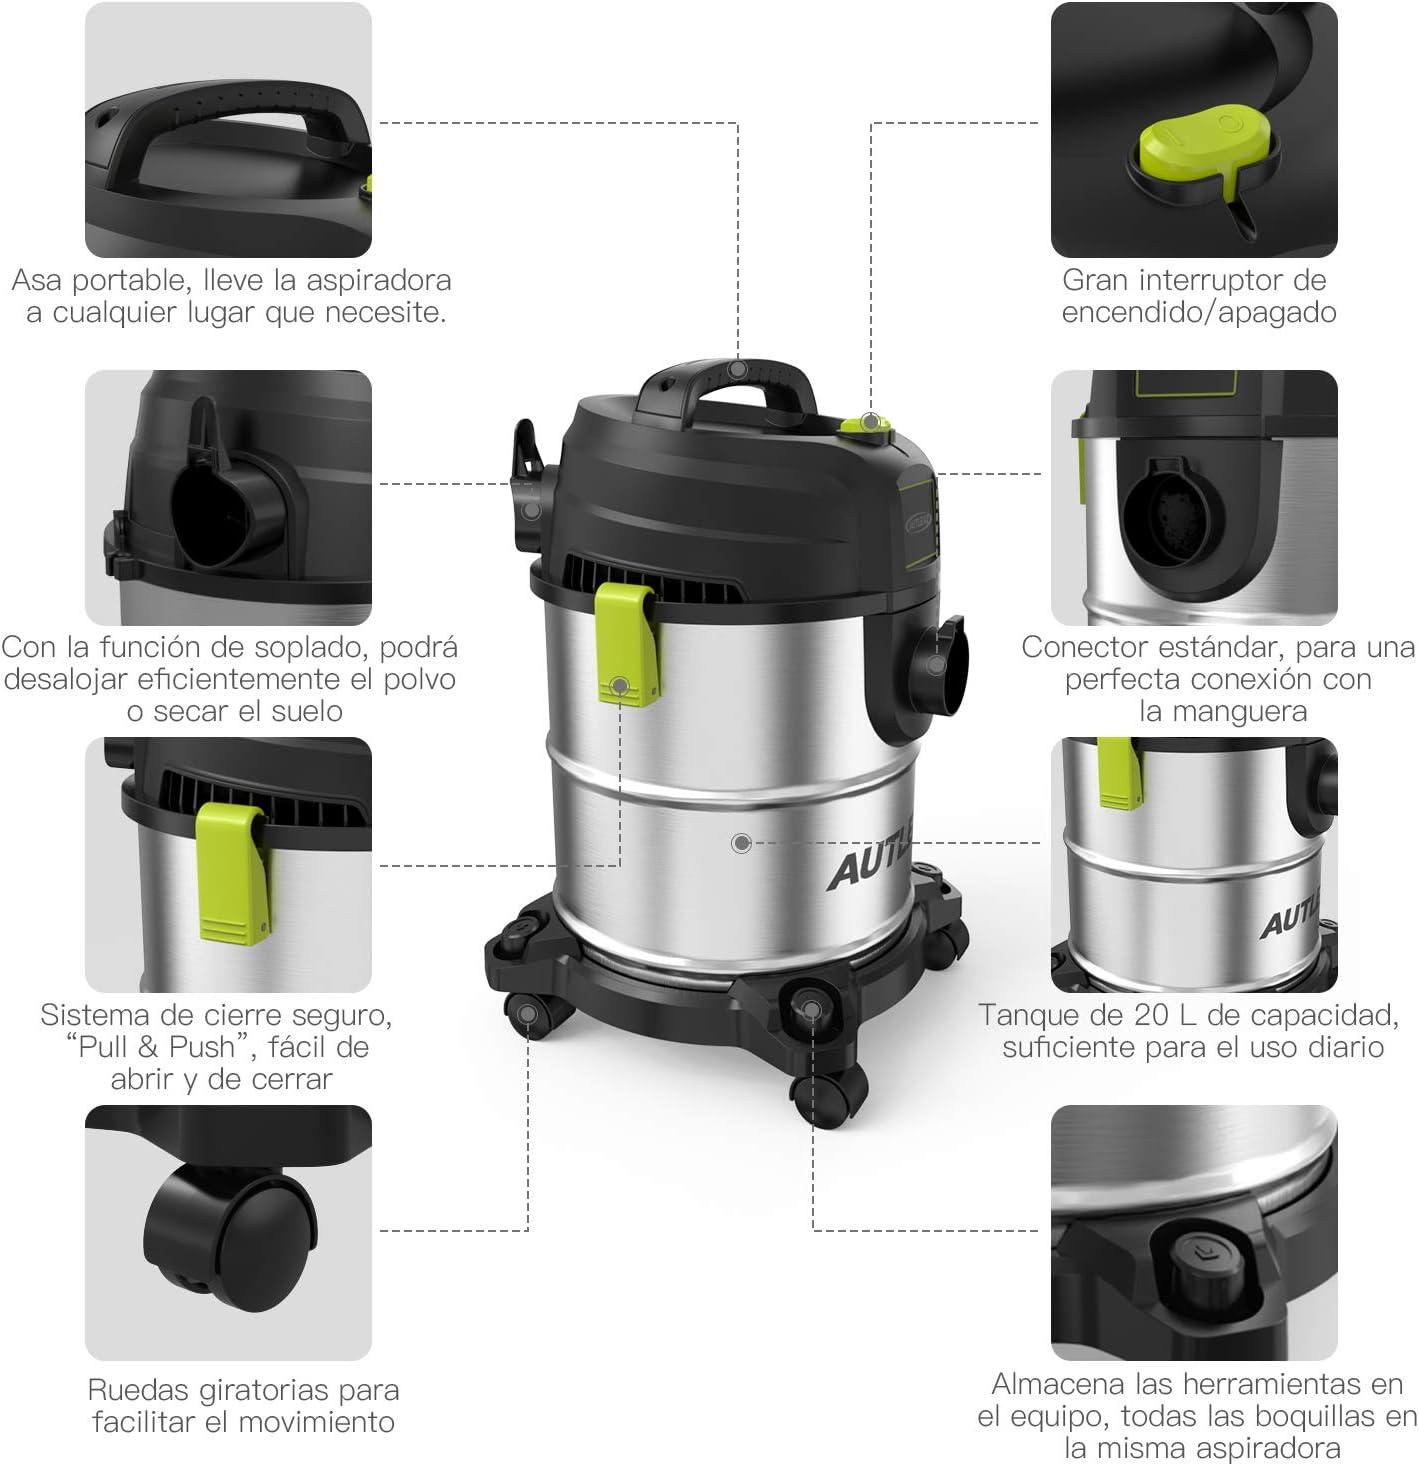 AUTLEAD Aspirador Seco Húmedo, 1000W 20 L Aspirador de usos múltiples de Acero Inoxidable, Aspirador doméstico con función de soplado, Silenciador: Amazon.es: Bricolaje y herramientas